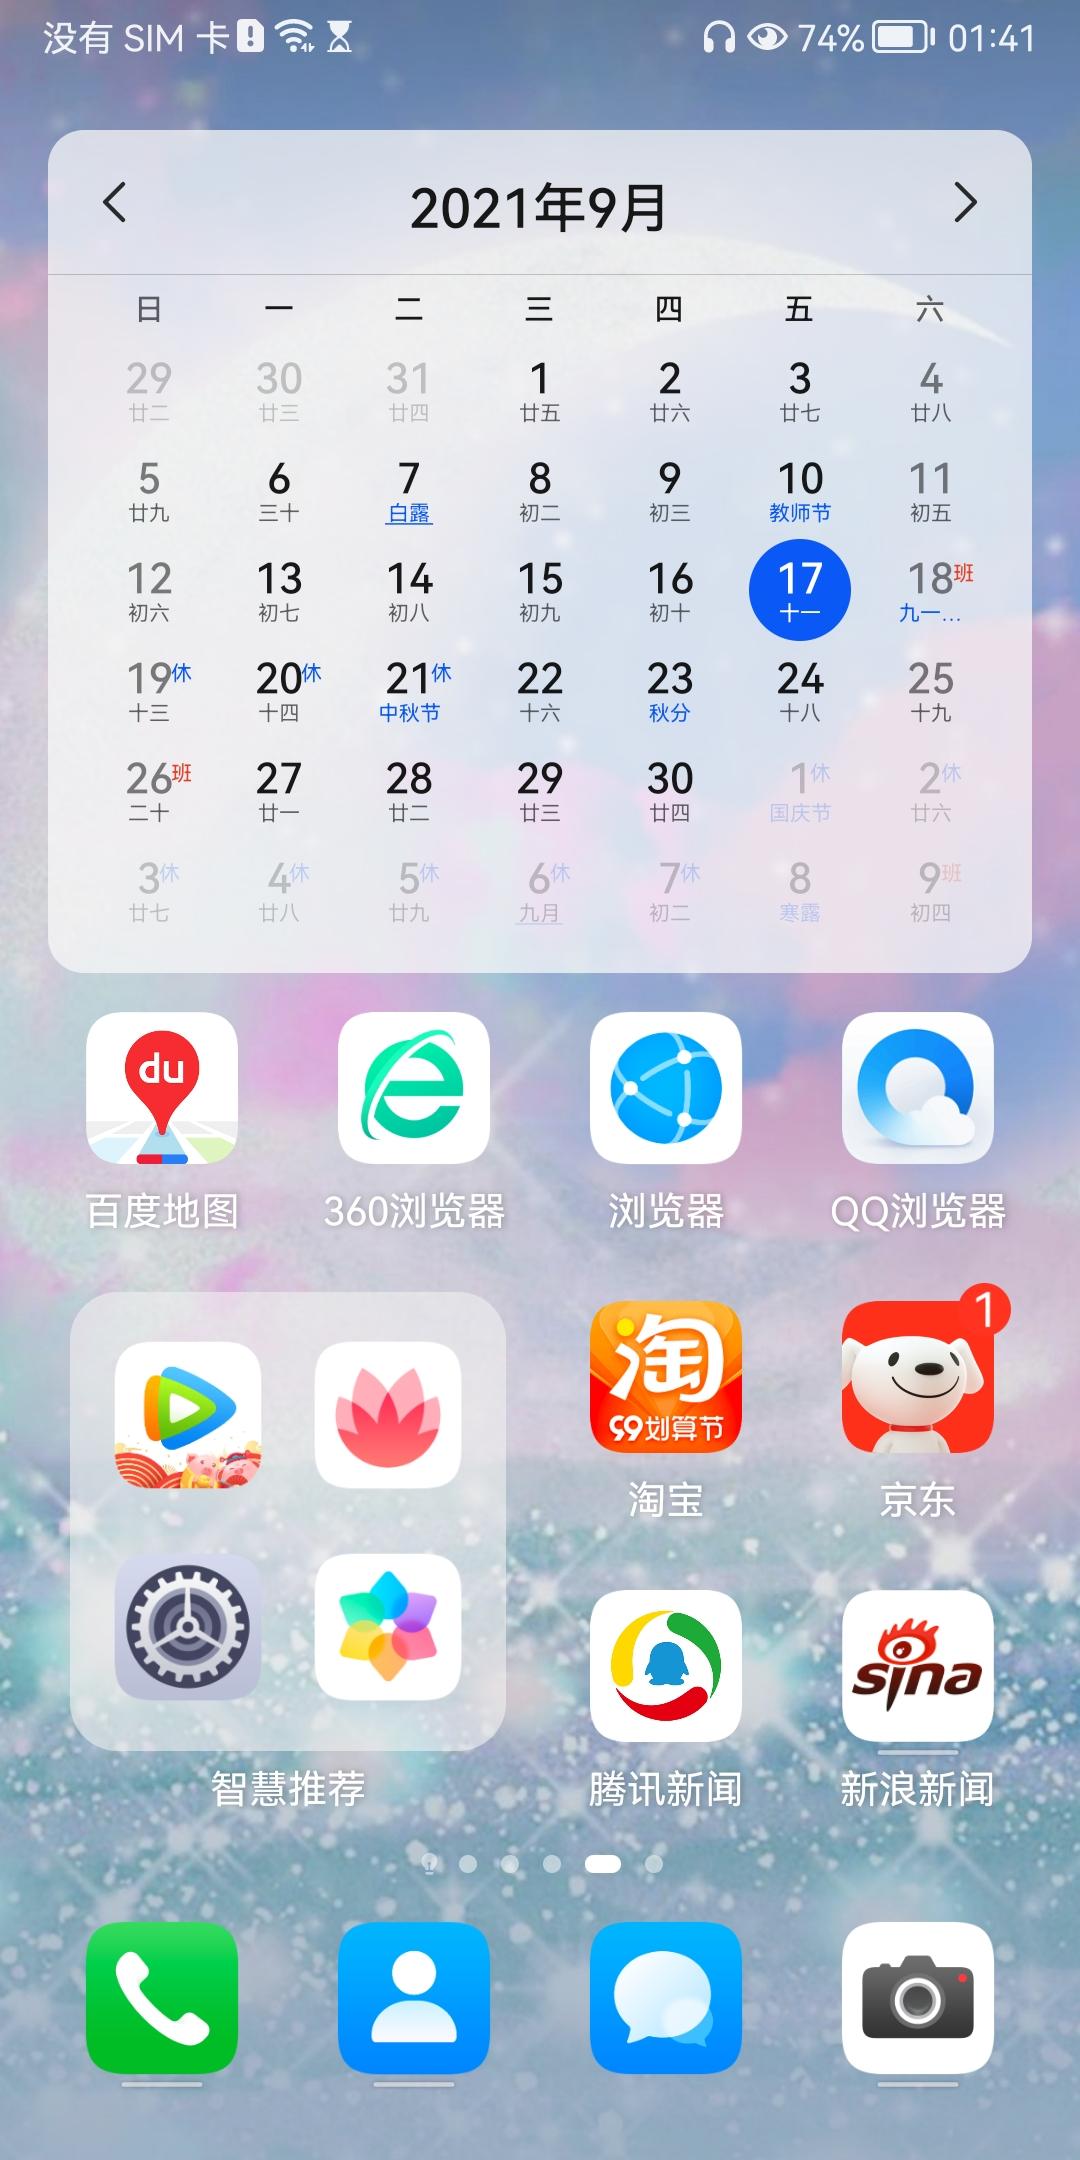 Screenshot_20210917_014125_com.huawei.android.launcher.jpg